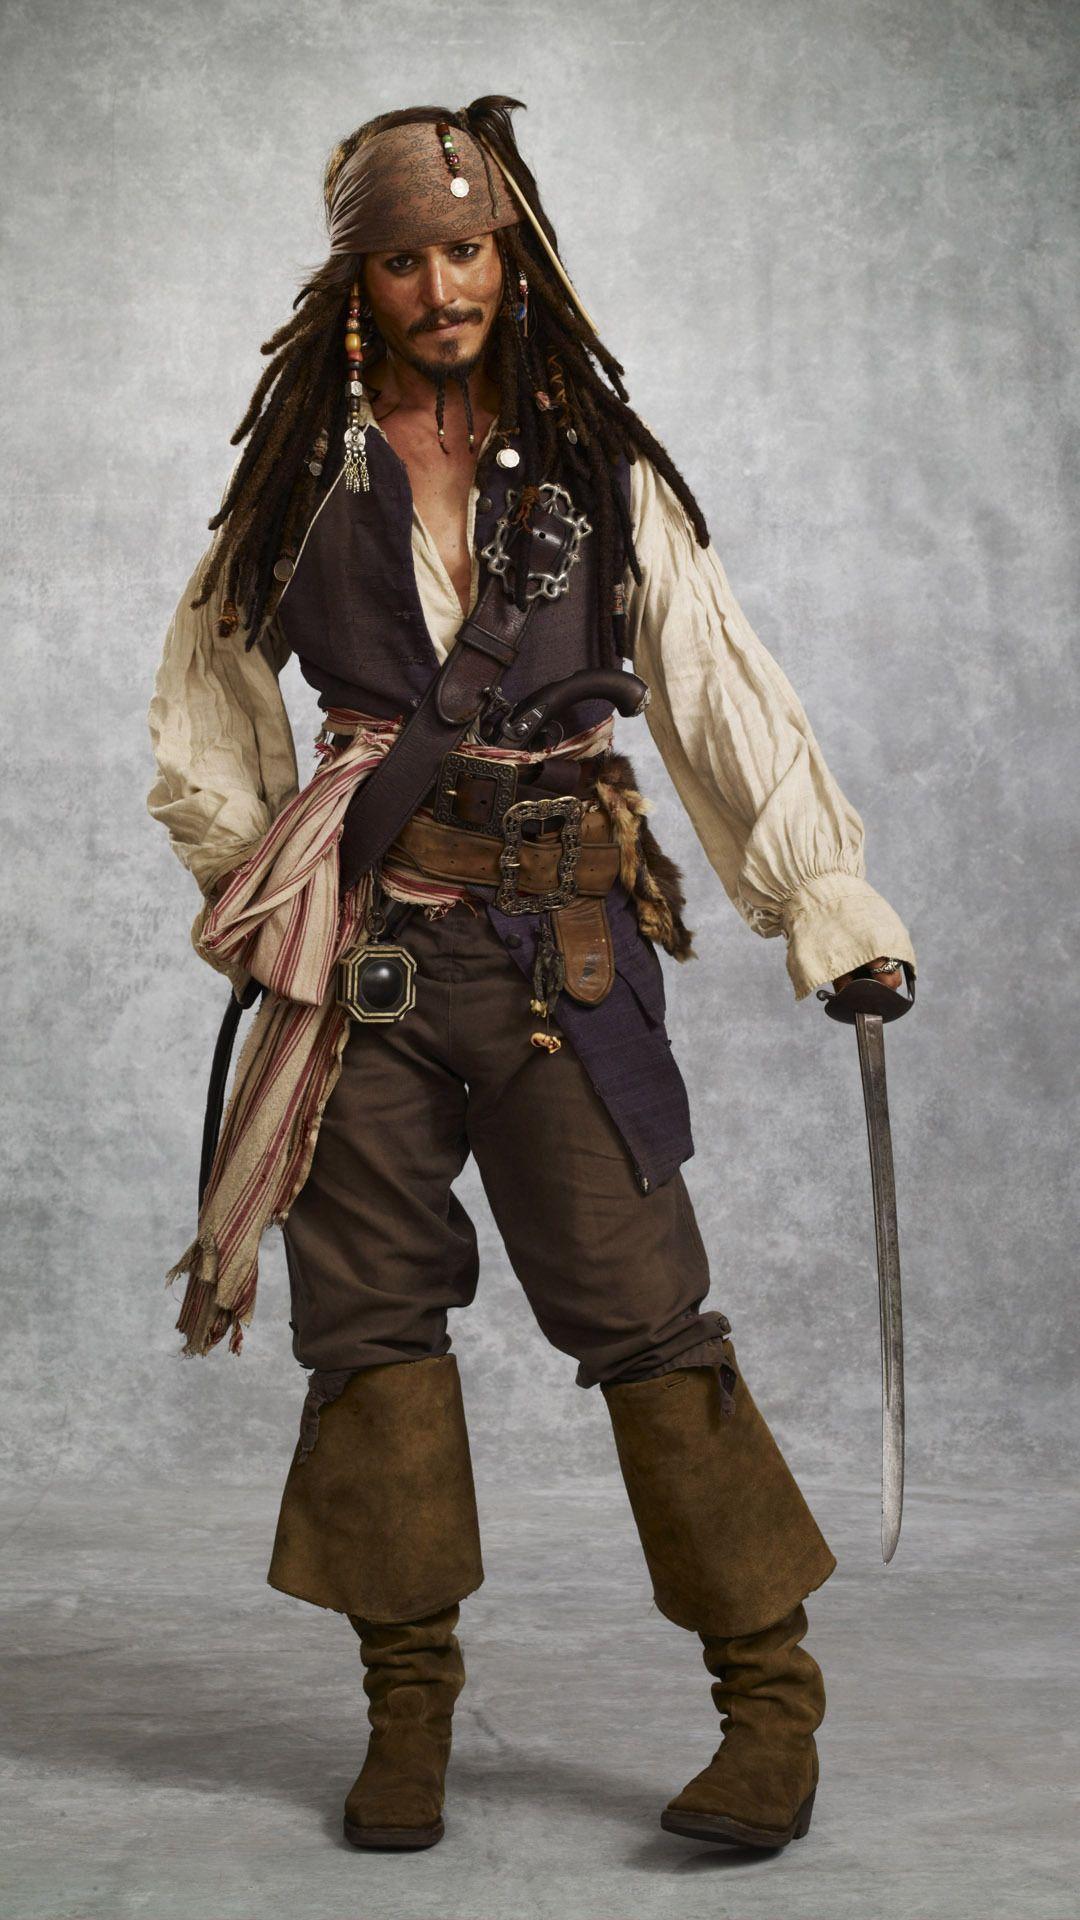 Captain Jack Sparrow Mobile Wallpaper 9110